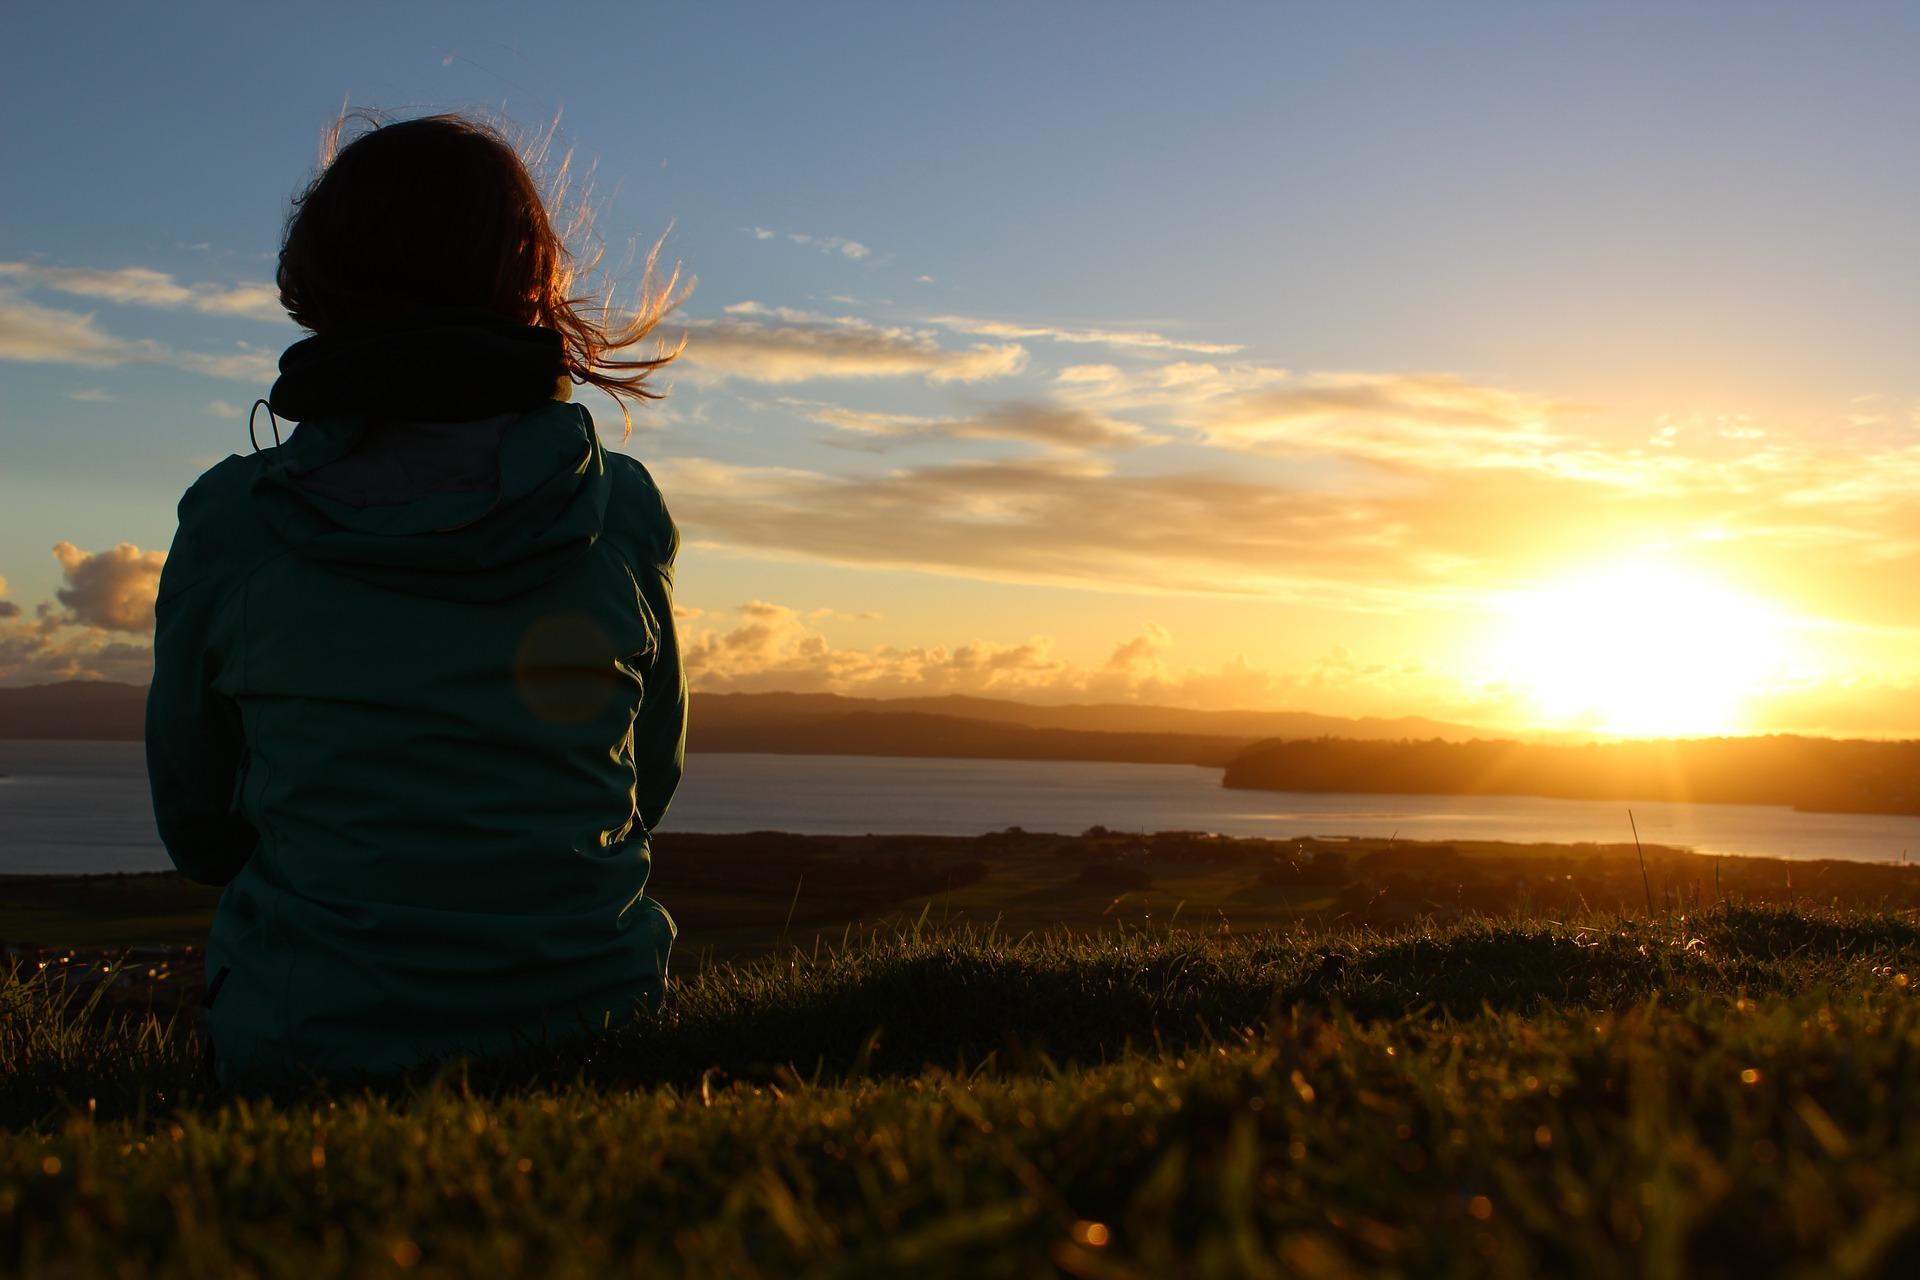 セラピストの仕事に悩んでいる女性が夕日を見つめている後ろ姿の画像